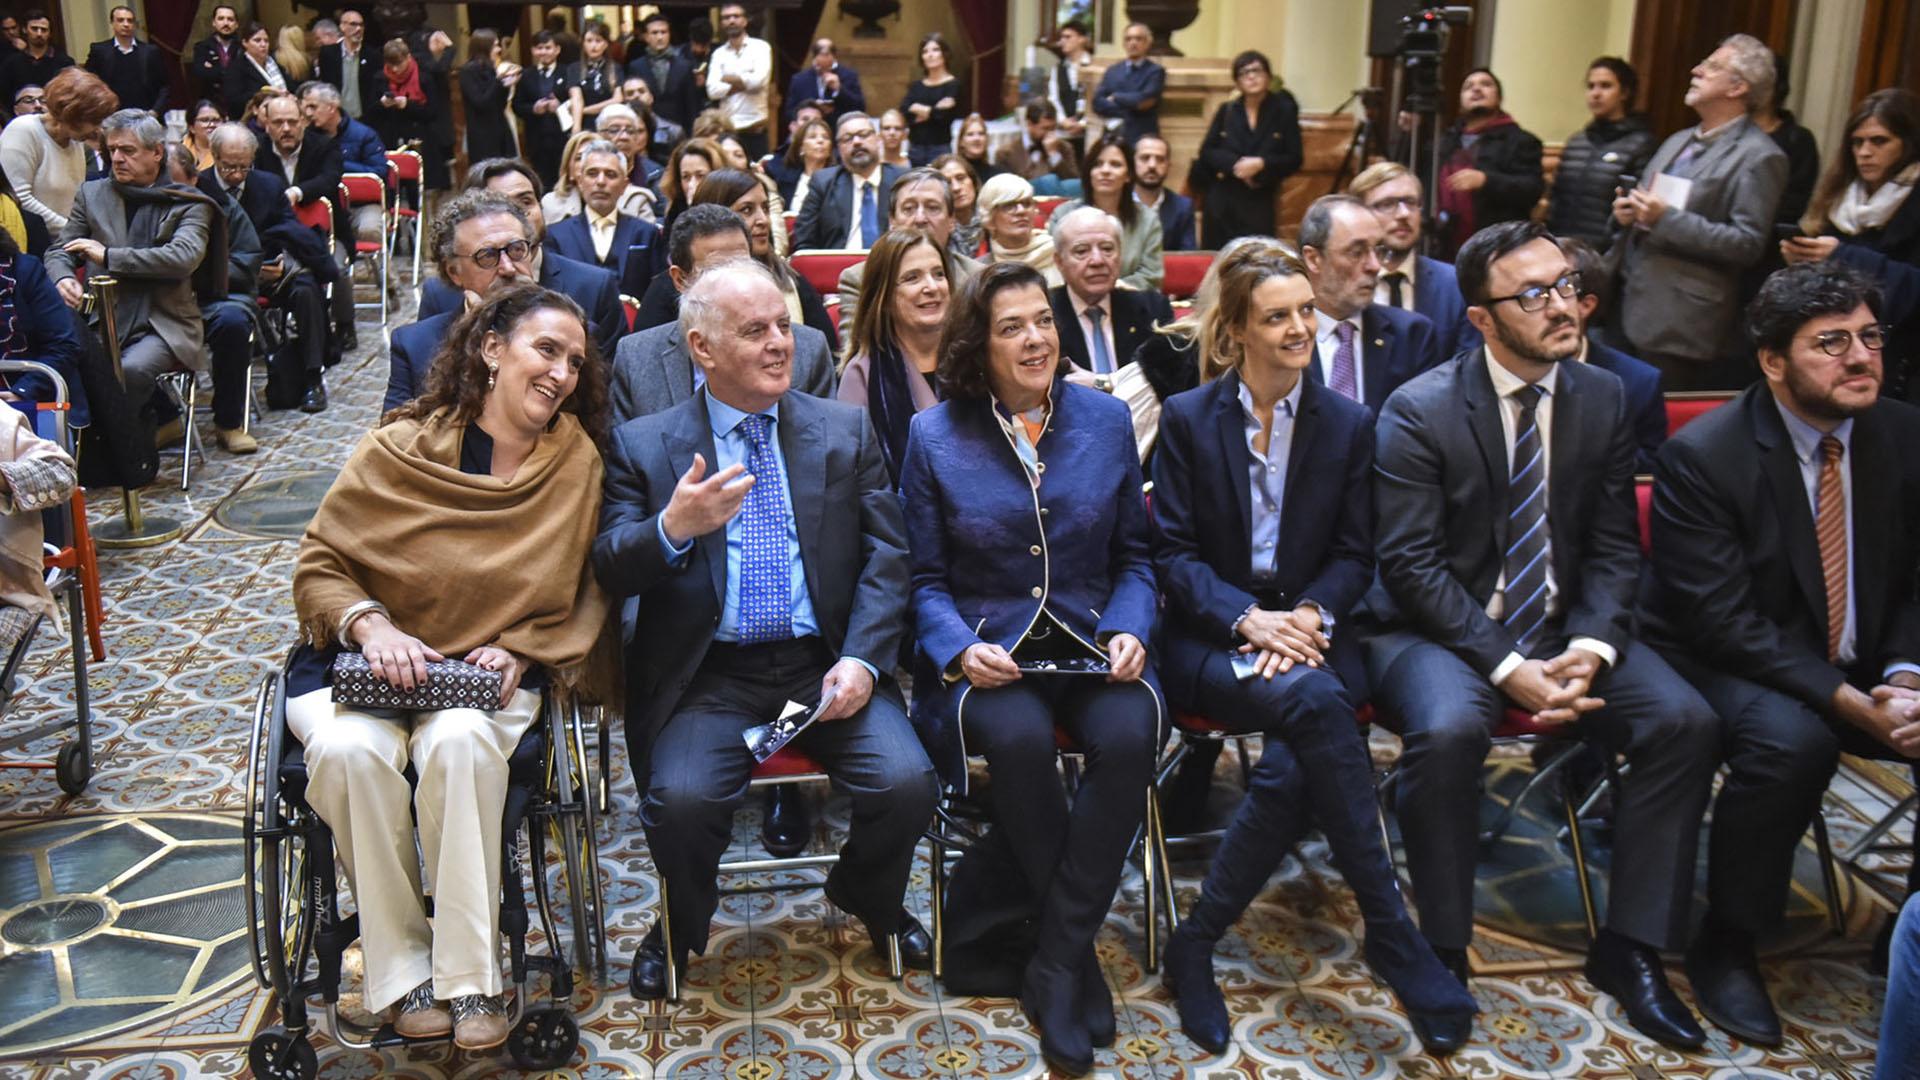 La vicepresidente Grabriela Michetti y el ministro de cultura de la Nación, Pablo Avelluto, compartieron fila con el maestro (Guille Llamos)